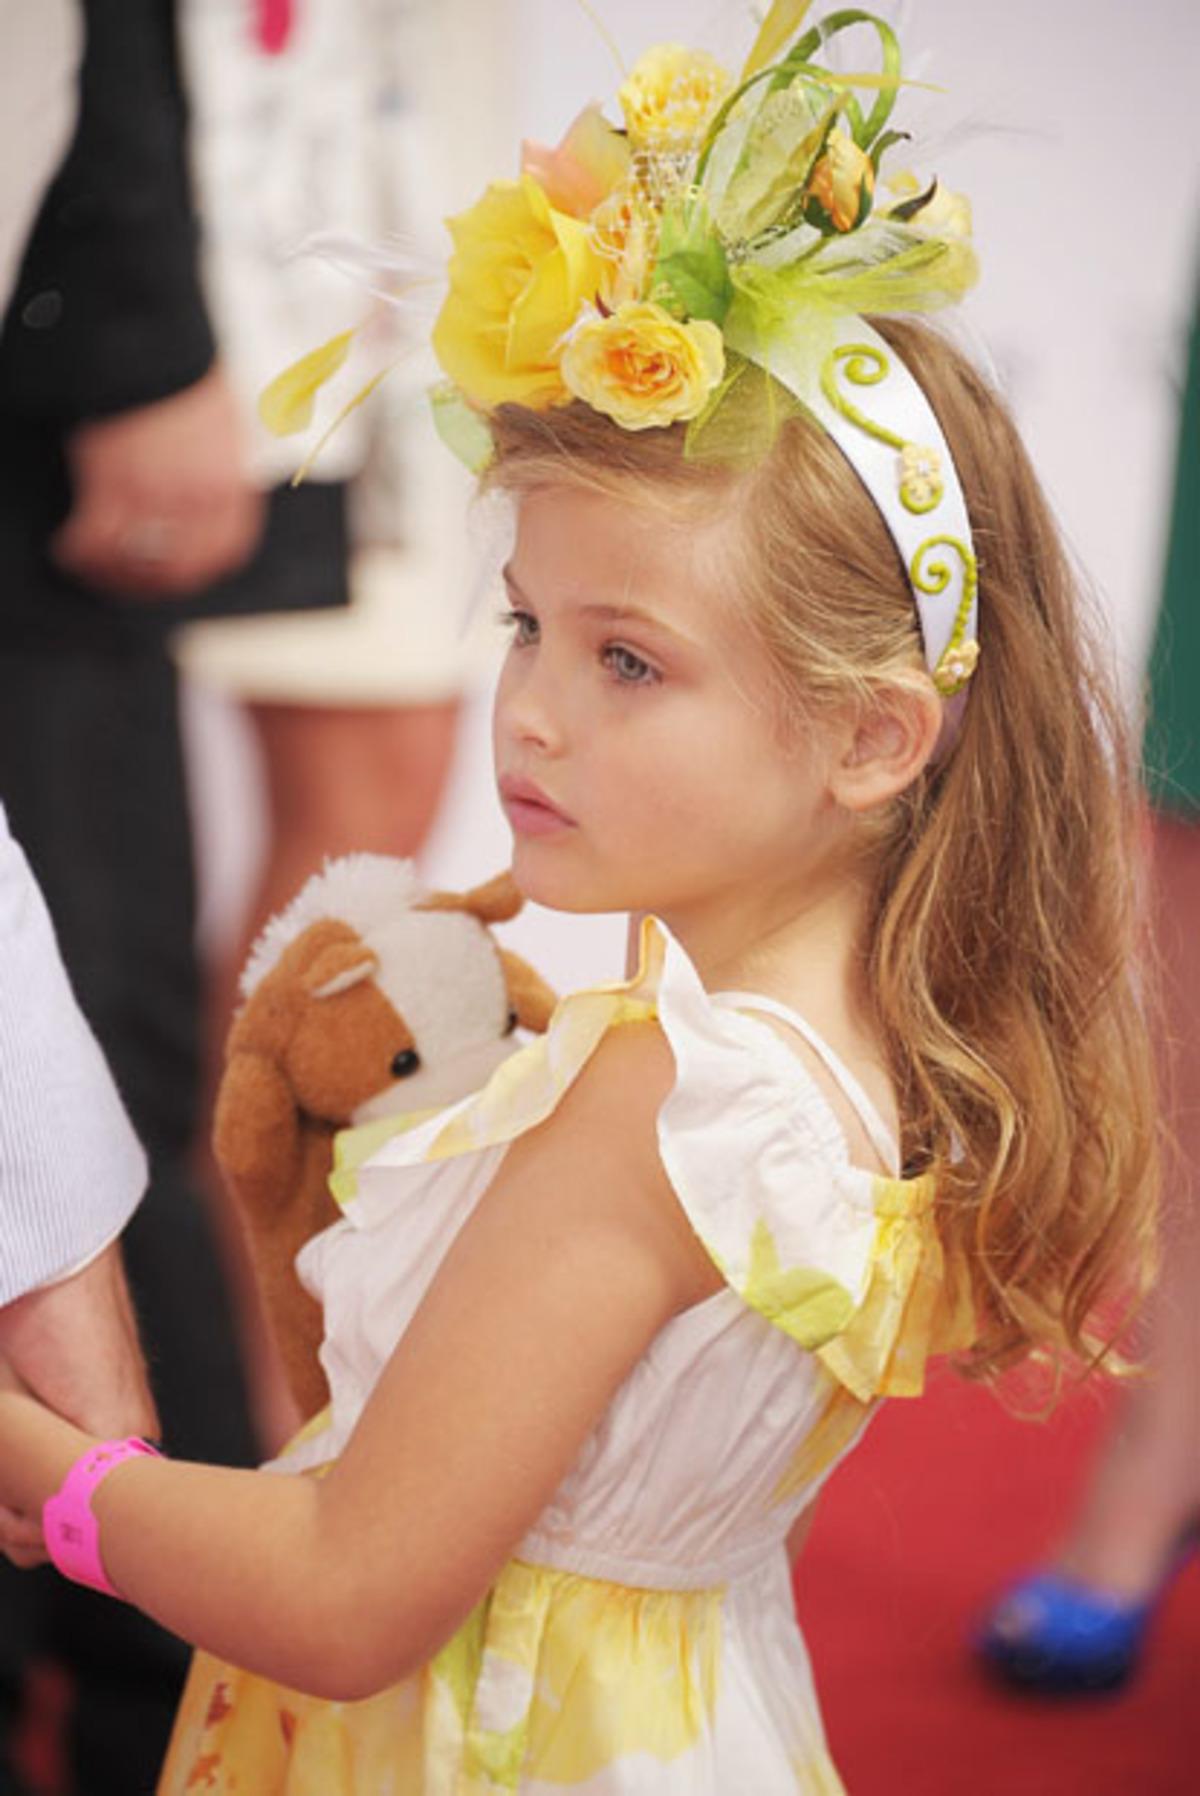 Αναγνωρίζεις το κοριτσάκι; Είναι ίδια, η διάσημη μητέρα της  που έχει φύγει από τη ζωή! | Newsit.gr